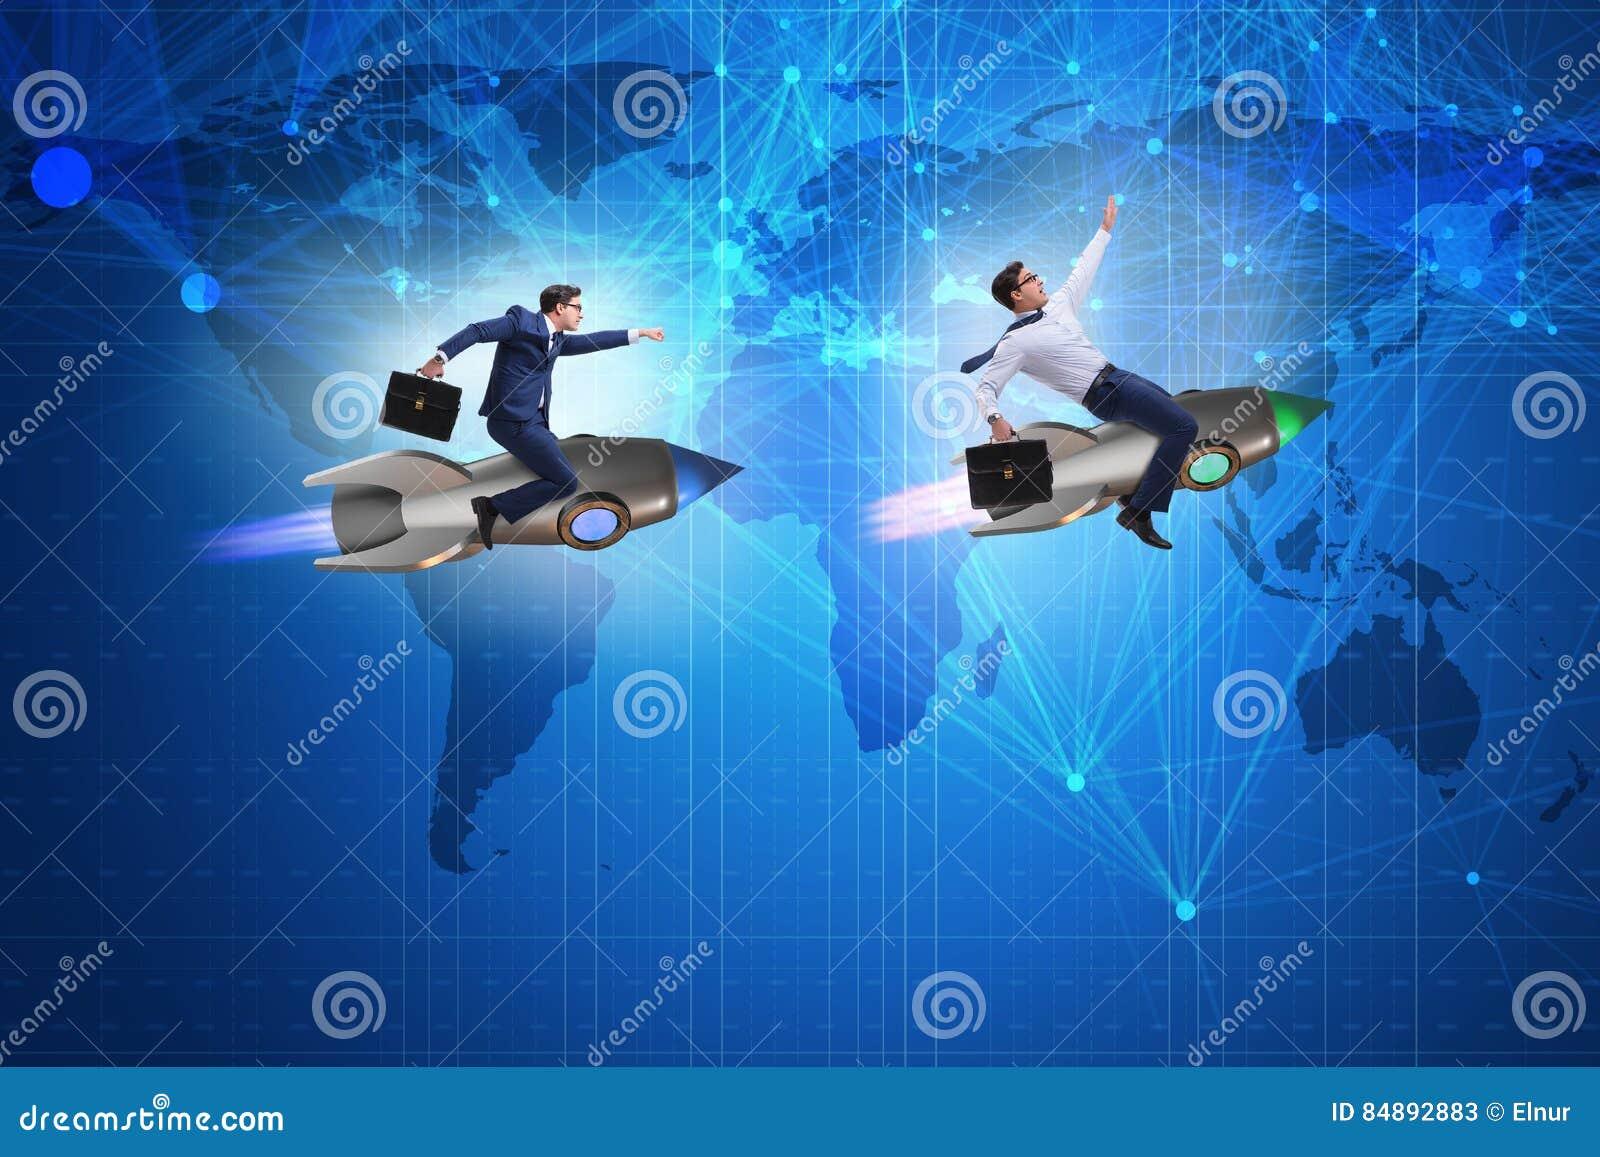 El concepto de la competición mundial con la persecución de hombres de negocios